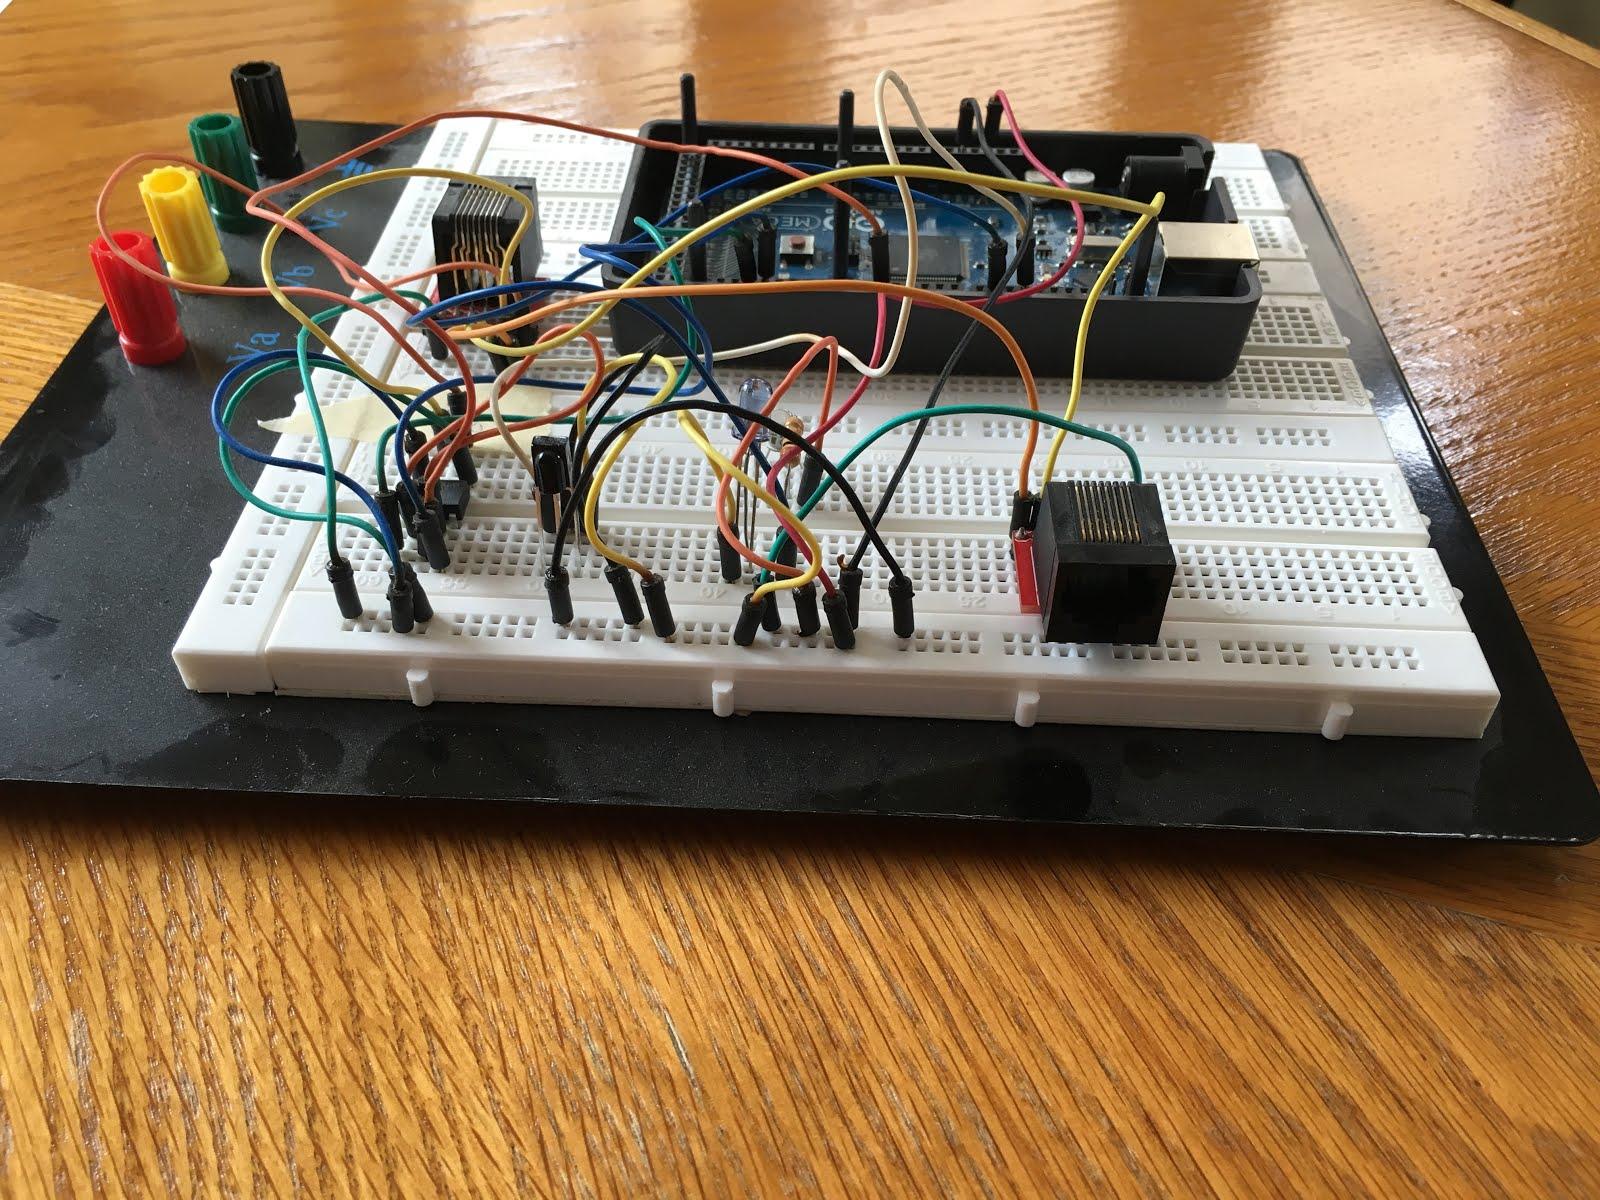 Mark's Blog: Building an IR-to-RS485 Bridge